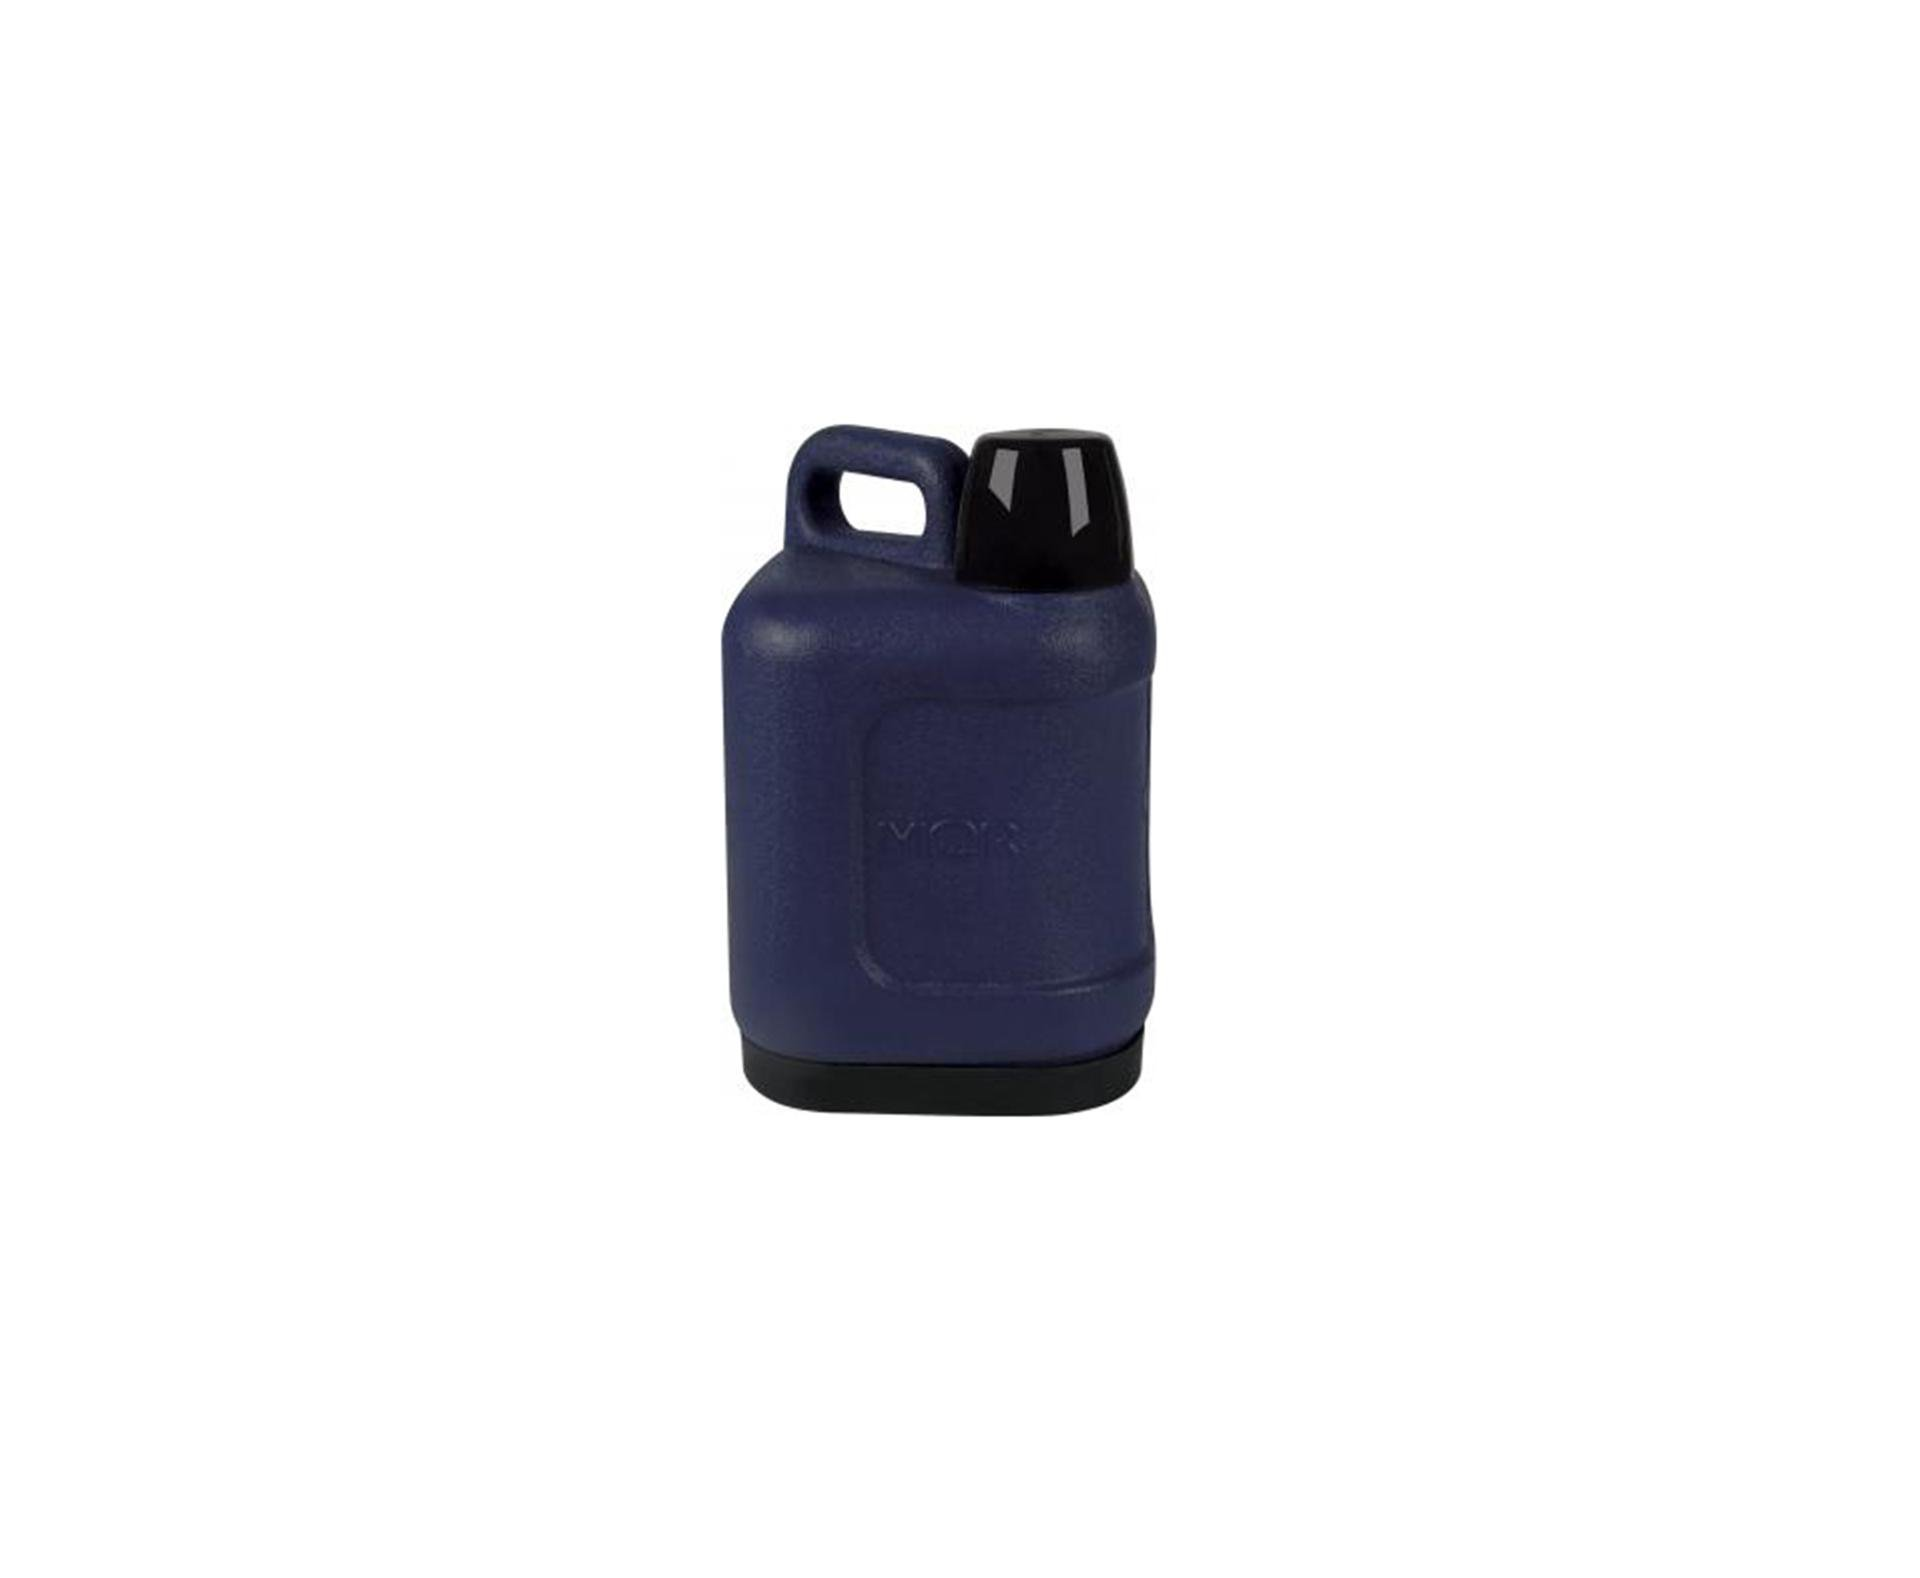 Garrafão Térmico Amigo 5,0 Litros Azul - Mor